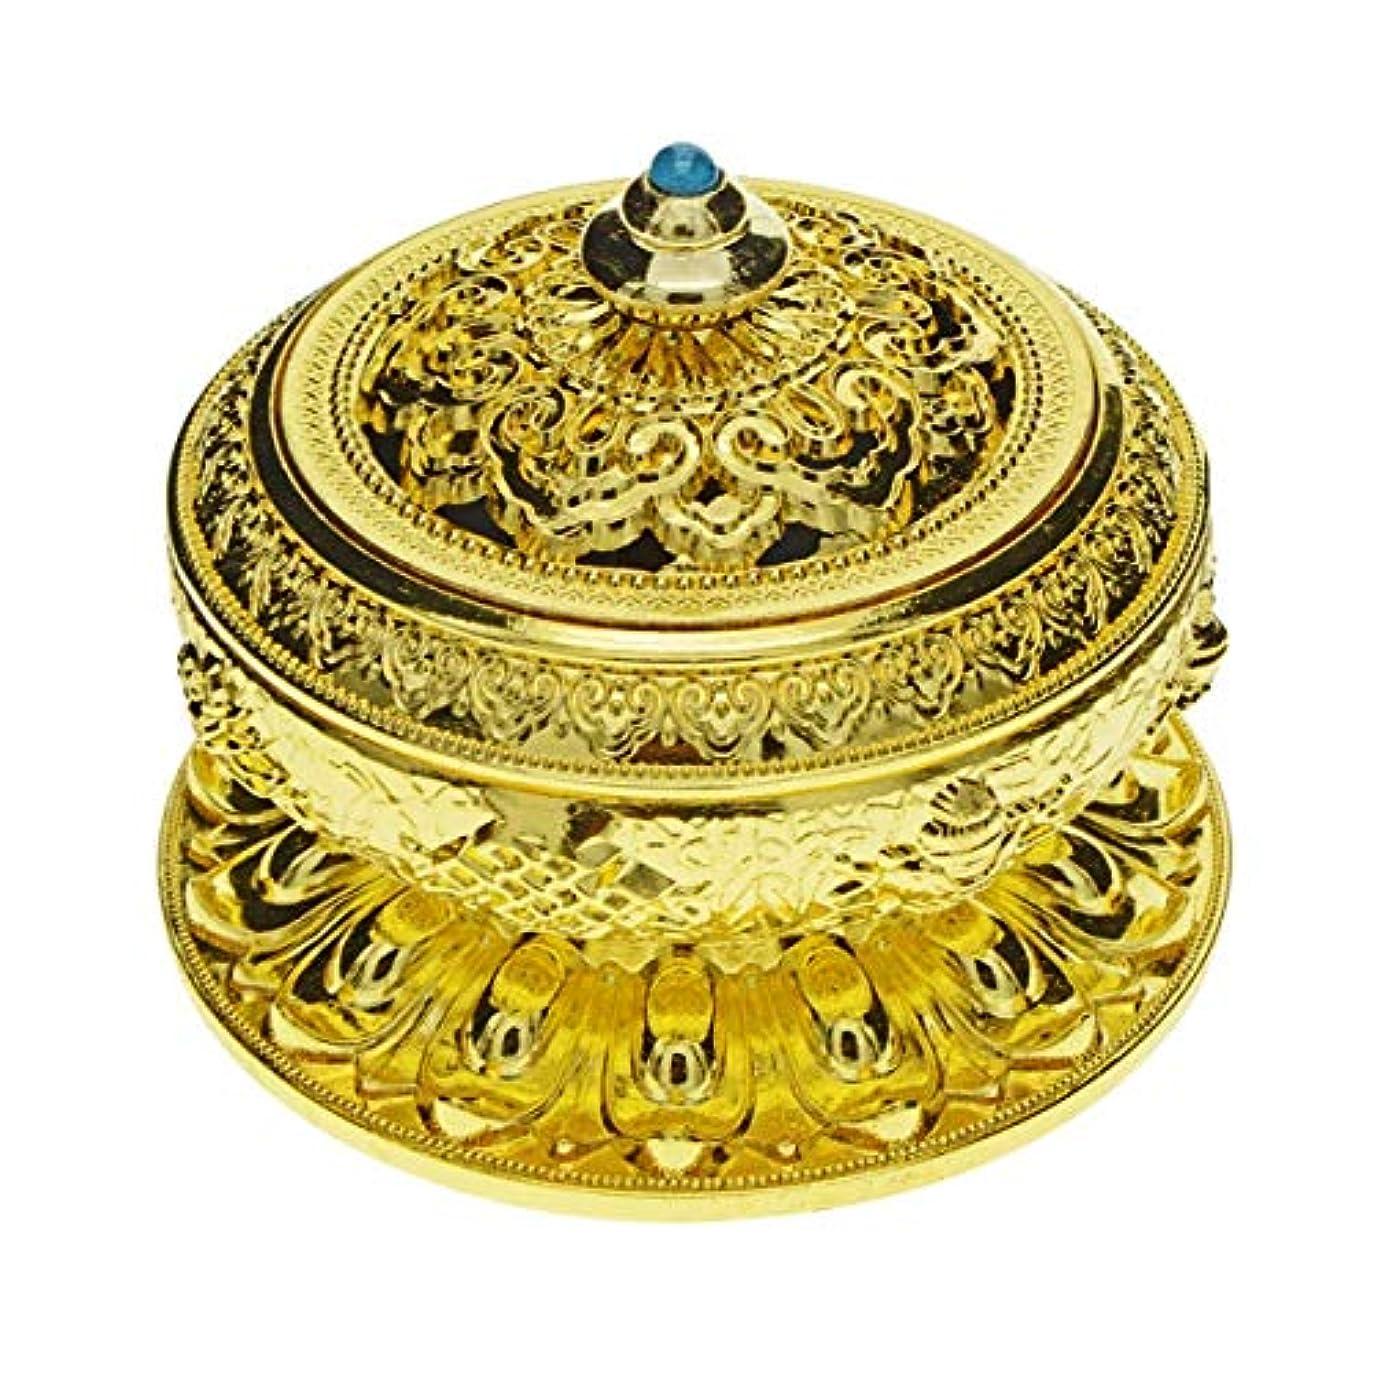 メロディアス懲らしめ動かないSaim Chineseクラシックスタイル香炉合金メタルBuddha Incense Holder Candle Censer – Buddhist装飾、ホームデコレーション S ゴールド G1HXJJ08952